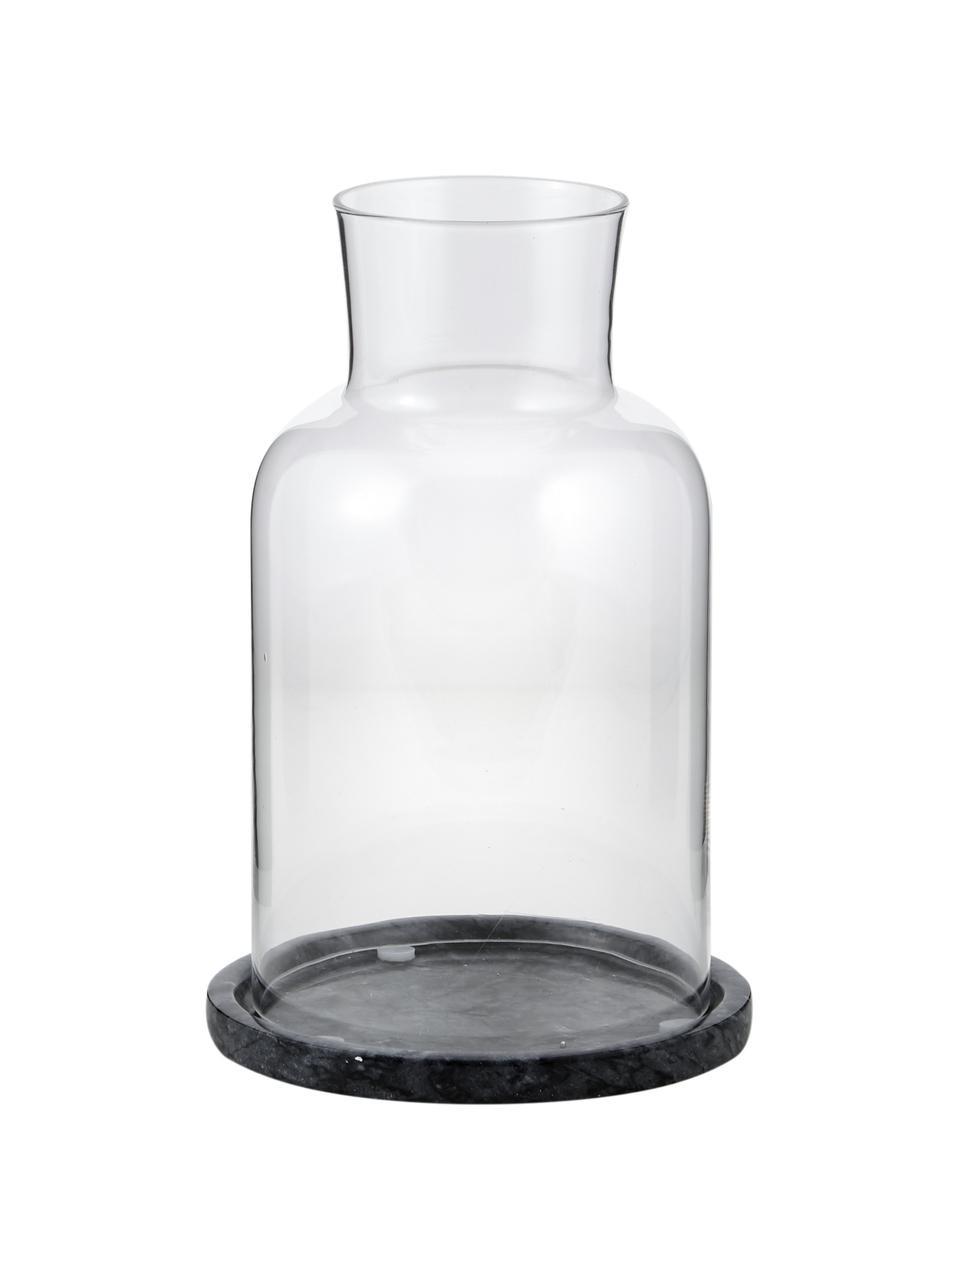 Marmor-Windlicht Lindon, Glas, Marmor, Schwarz, marmoriert, Transparent, Ø 13 x H 22 cm